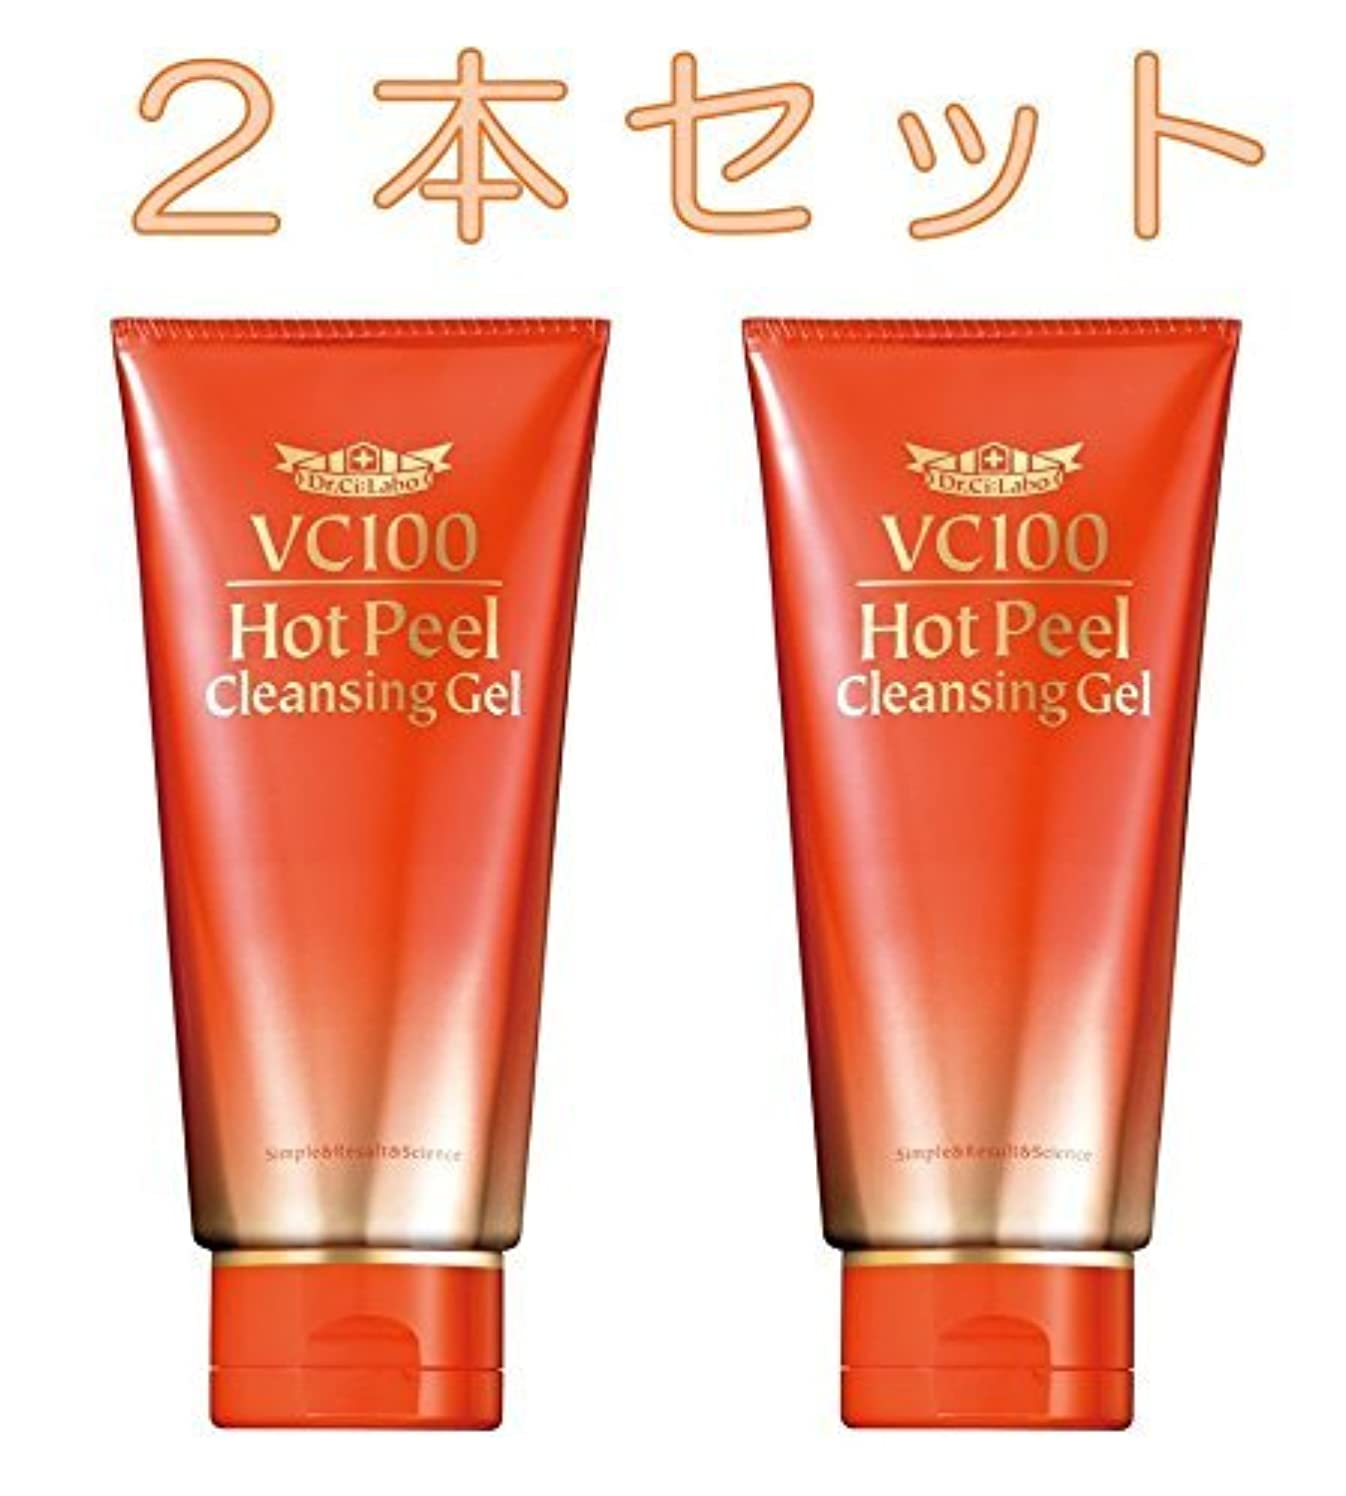 認証株式【 2本セット 】 ドクターシーラボ VC100ホットピールクレンジングゲル 150g